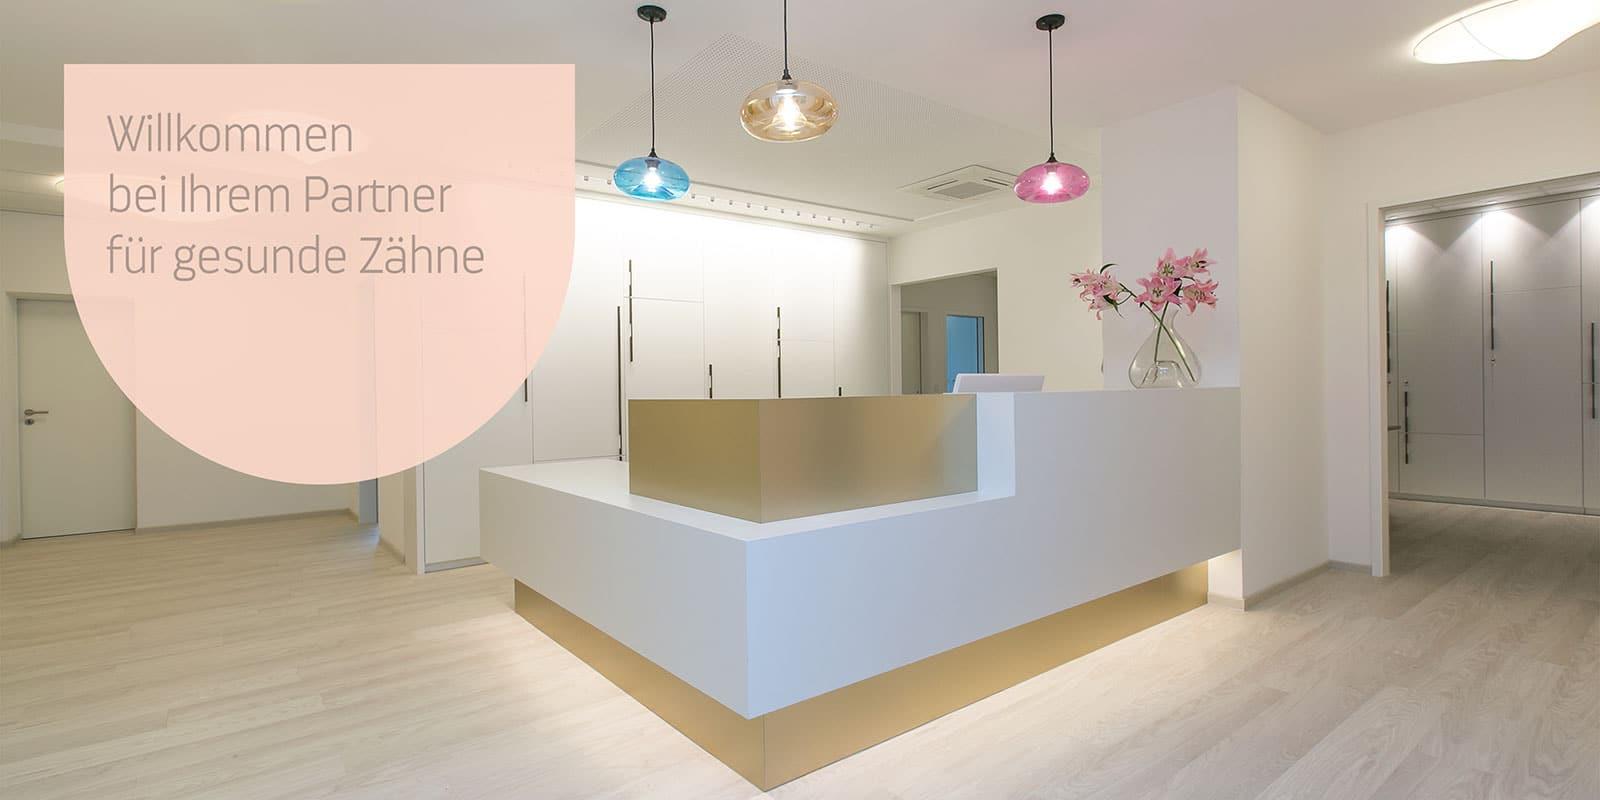 Zahnarzt Aschaffenburg Partner gesunde Zähne